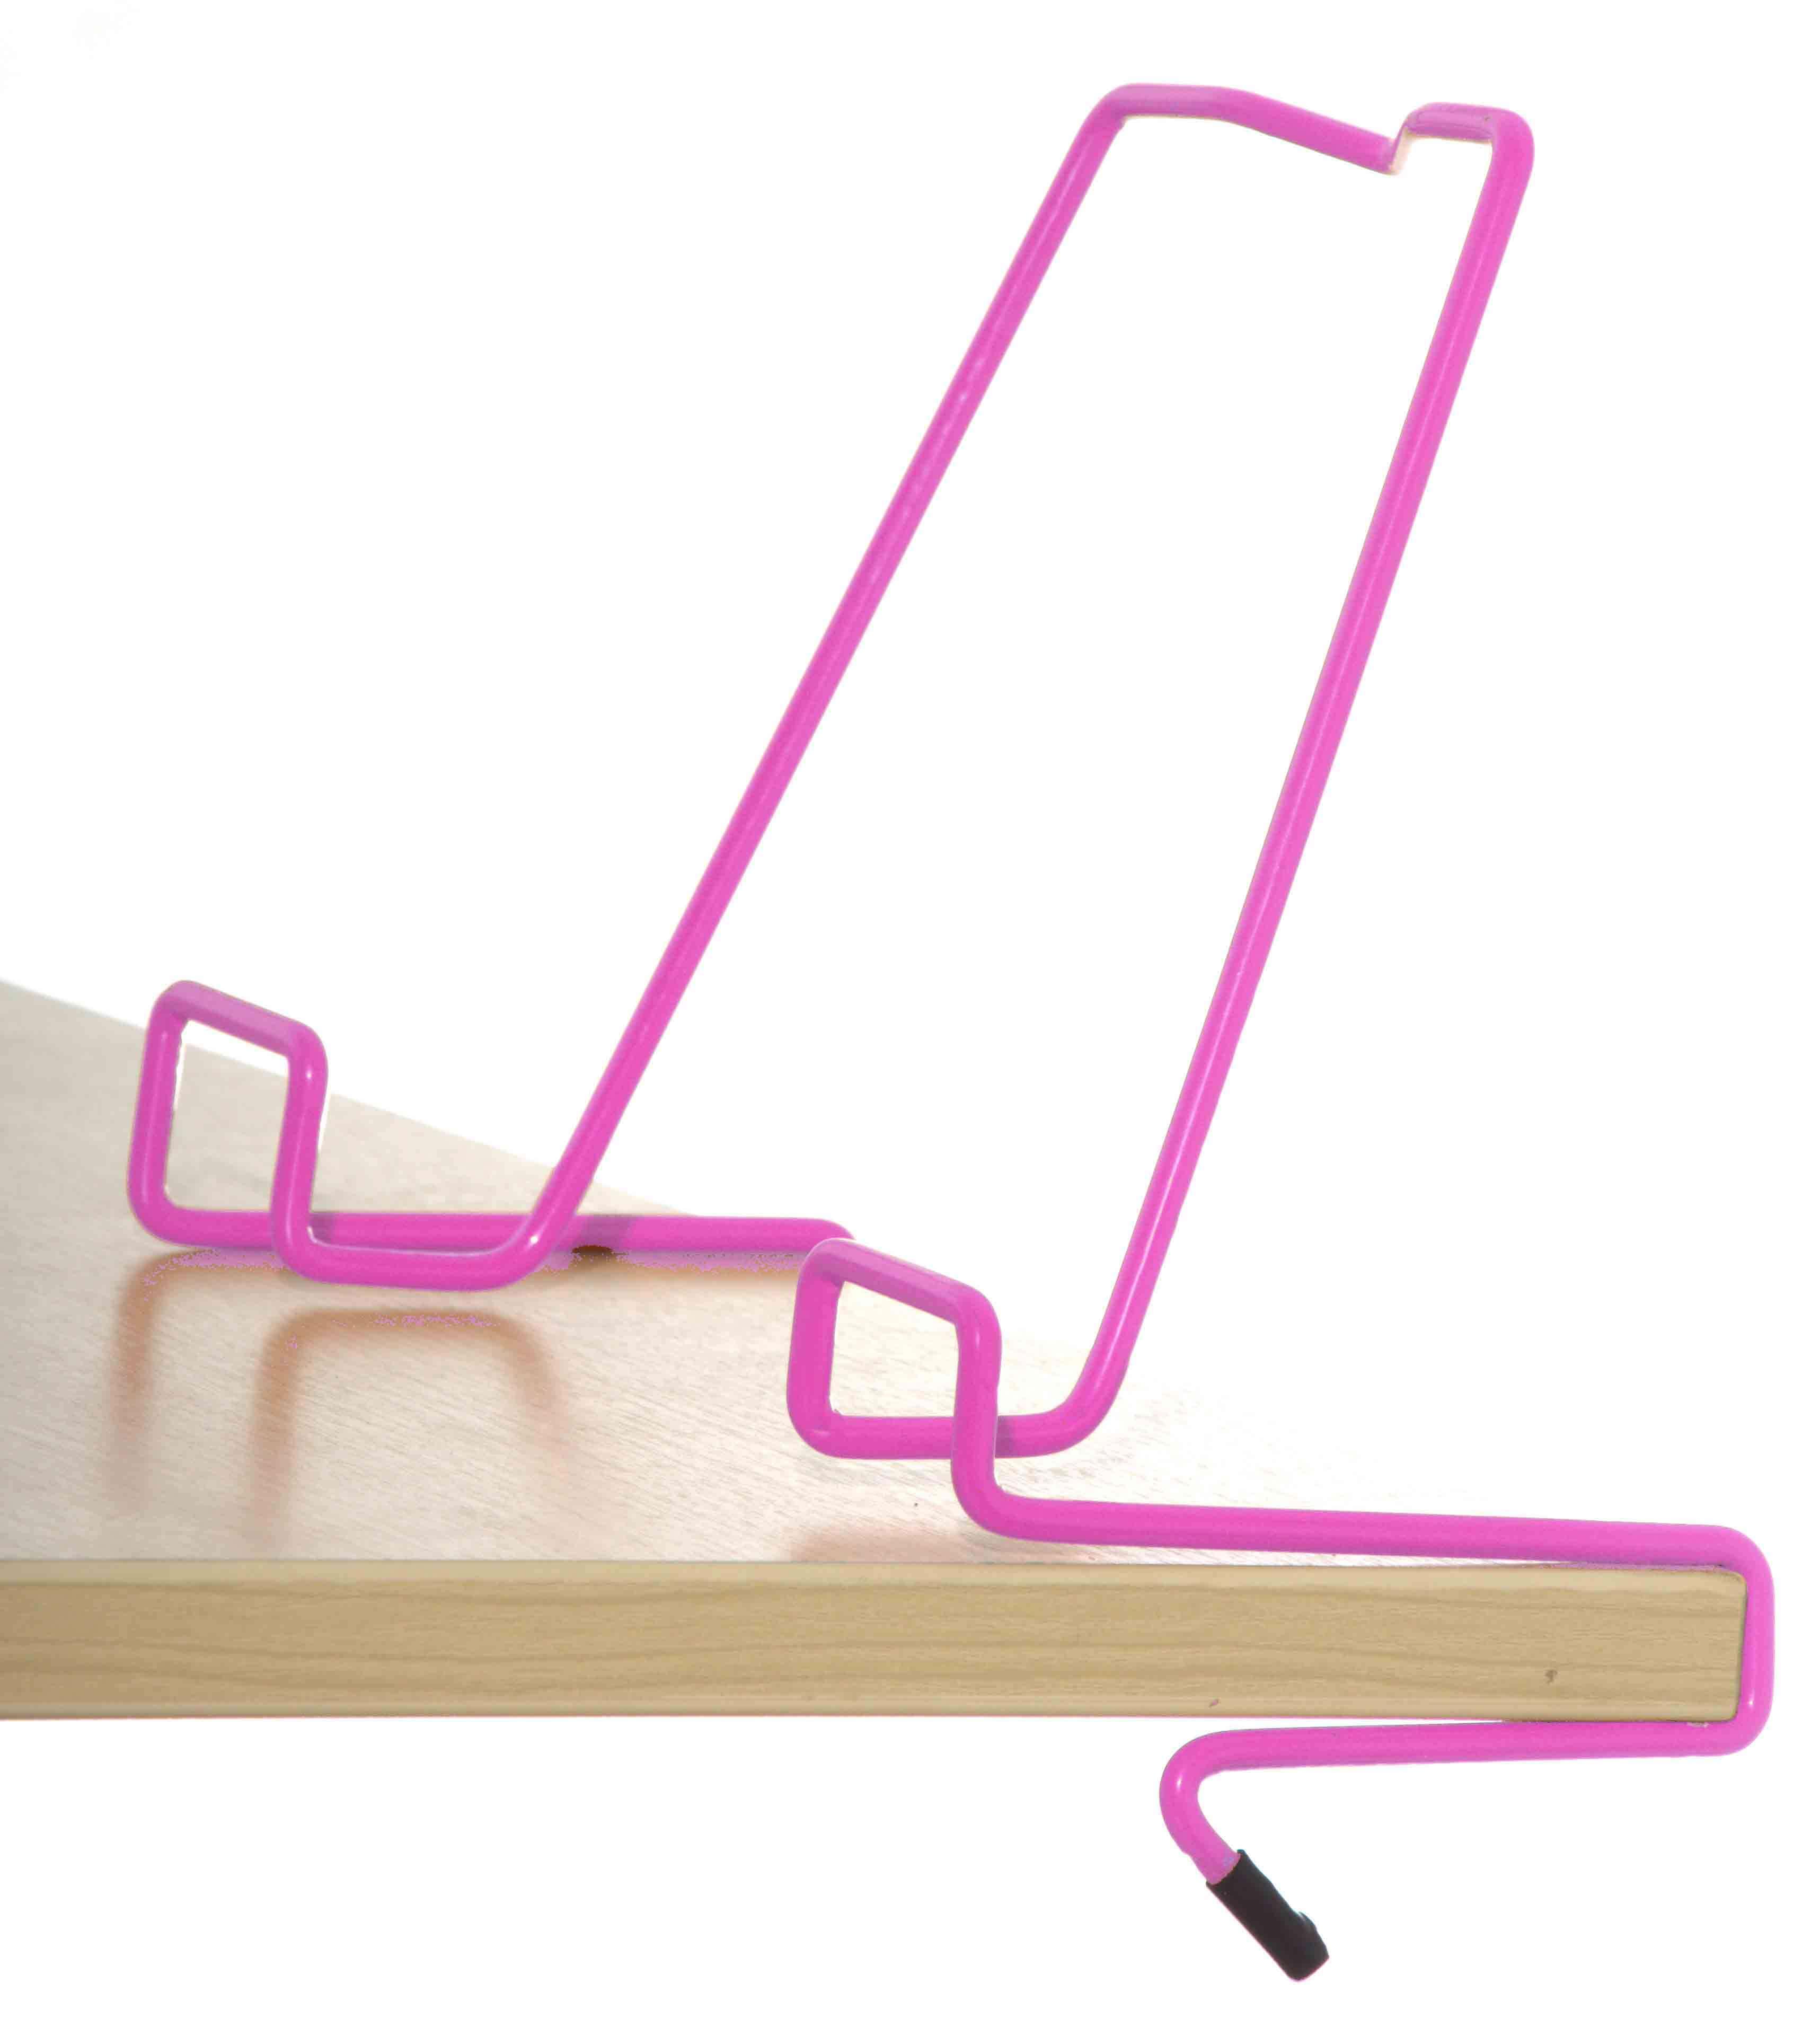 Подставка для книг для наклонных столешниц Дэми ПК-01 РозовыйАксессуары<br><br>Цвет: Розовый; Бренд: Дэми; Ширина (см): 33; Глубина (см): 5; Высота (см): 20;